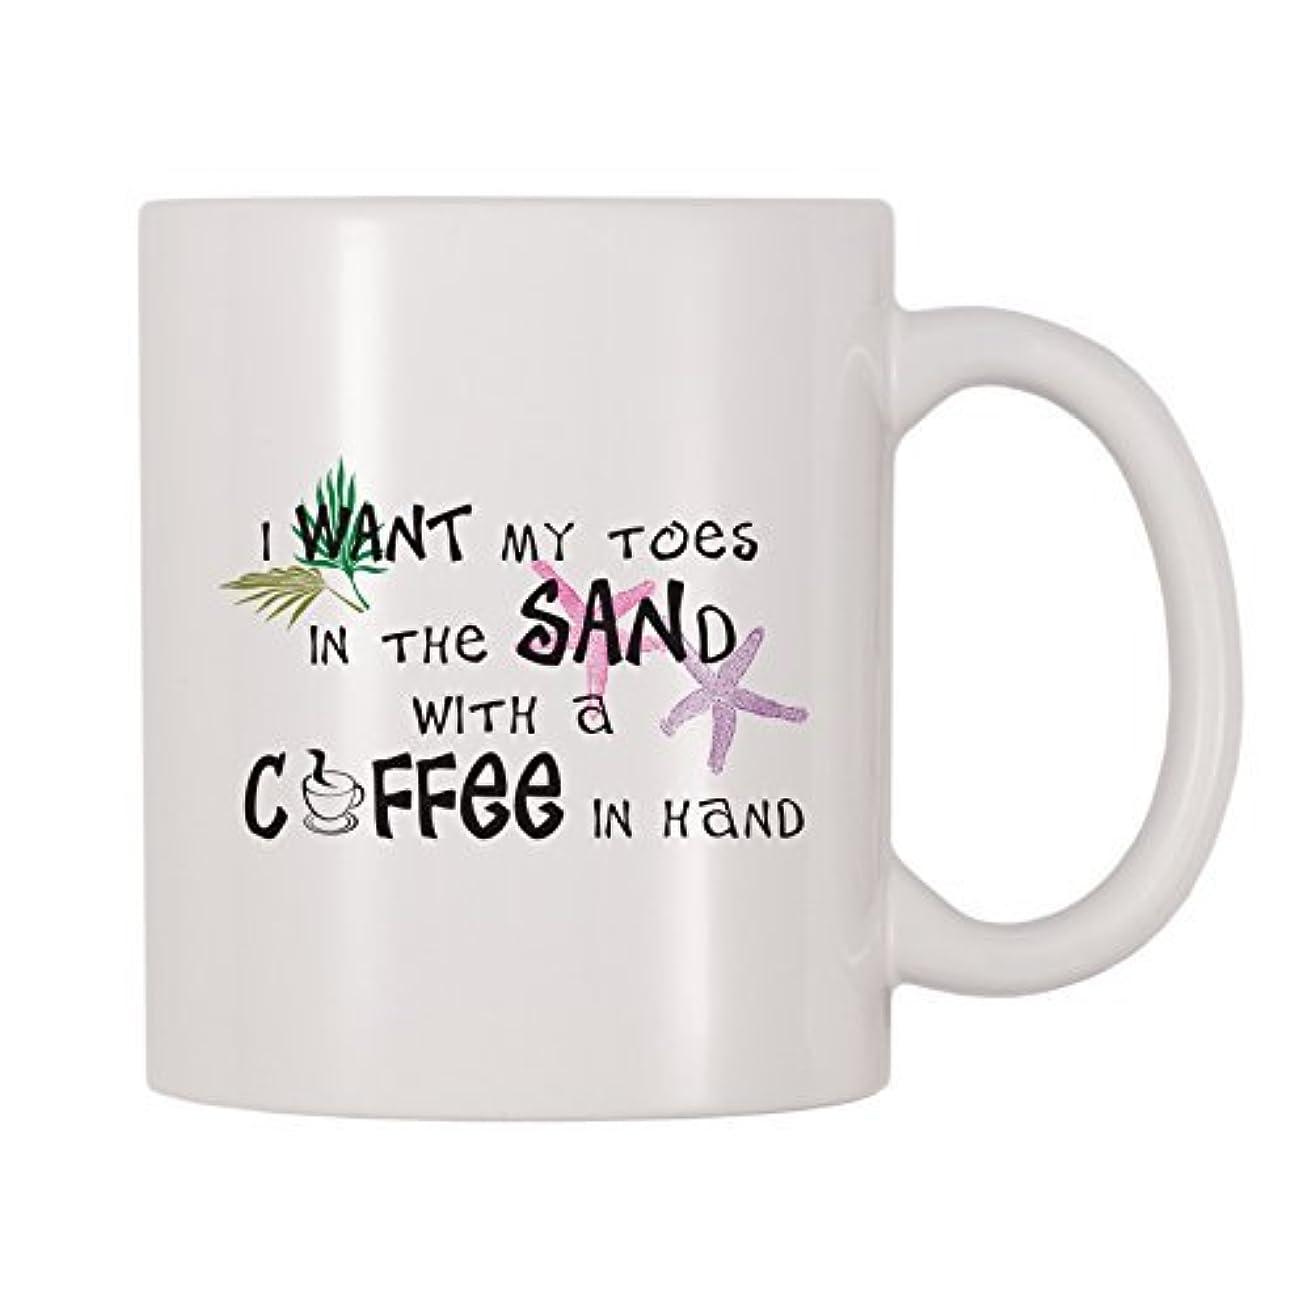 溶けたみがきますカメ4 All Times I Want My Toes In The Sand With Coffee In Hand (11 oz) [並行輸入品]